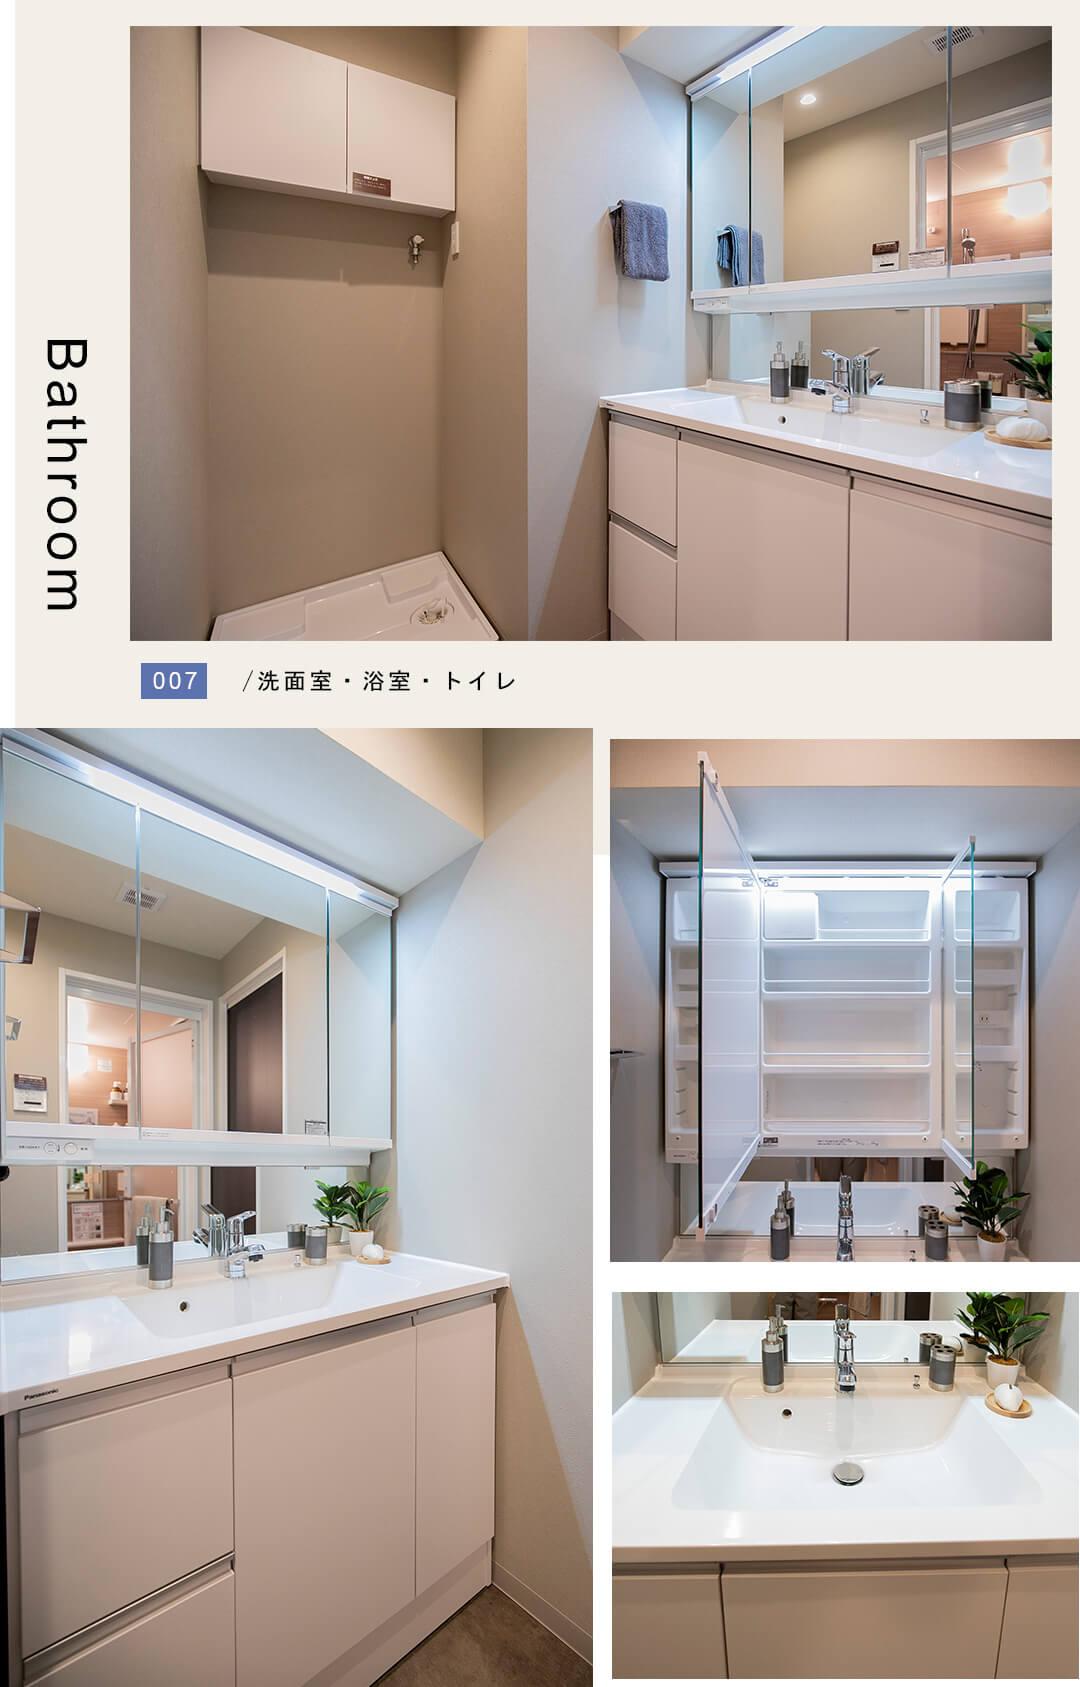 ヴェラハイツ第2亀戸の洗面室